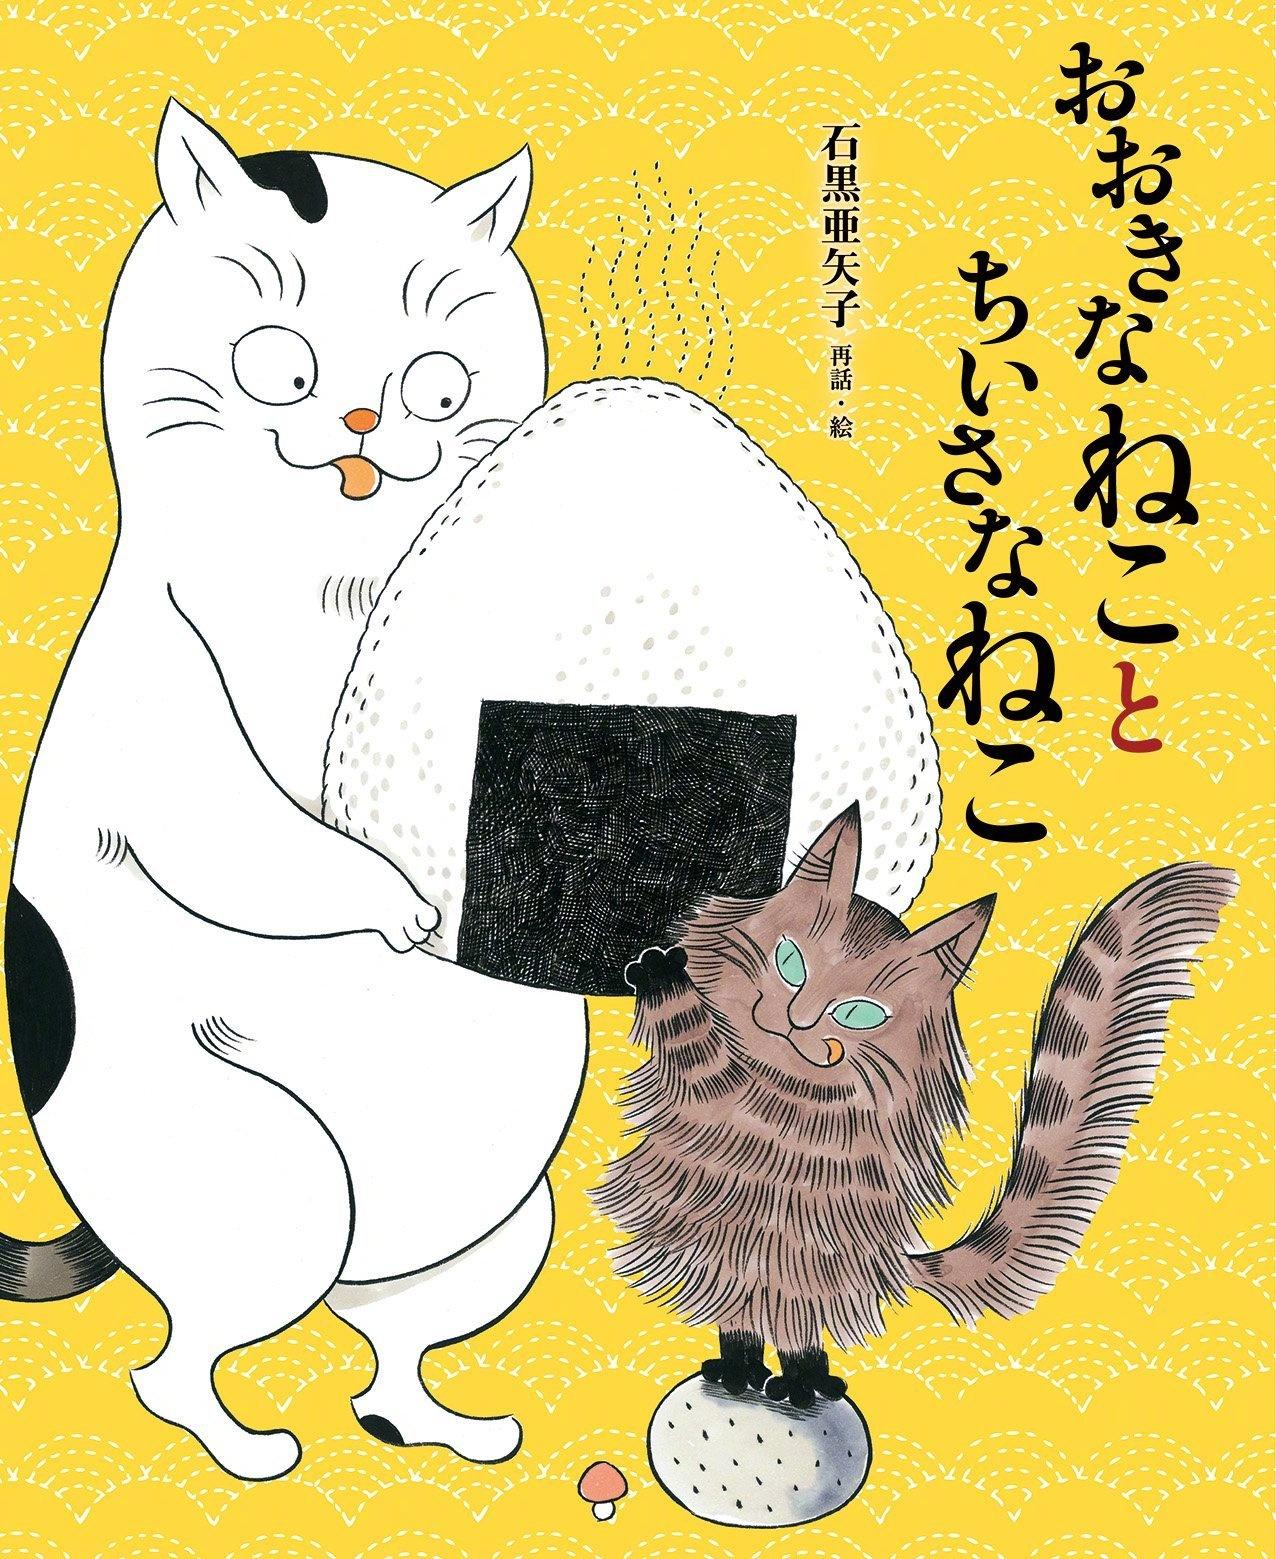 诞又有趣之猫来自石黑亚矢子。她是恐怖漫画家浅漫画客图片